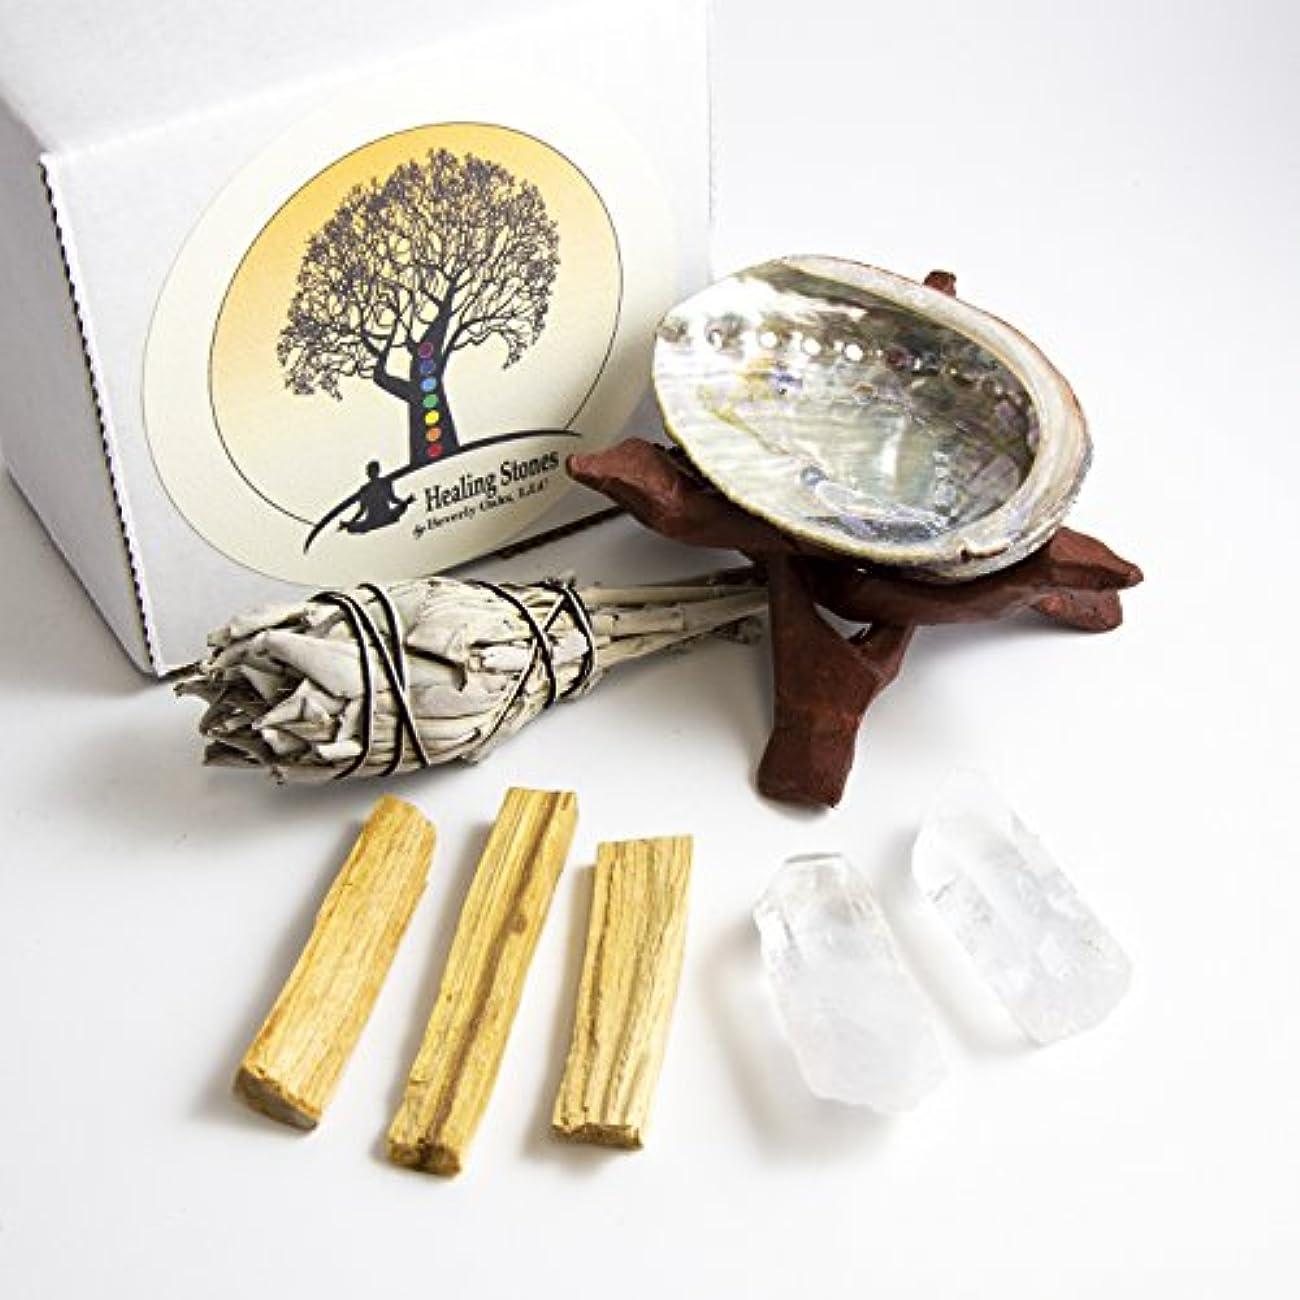 仮称登録スムーズにBeverly Oaks瞑想Ritualキット – 2 Clear Quartz Crystals , Palo Santoスティック、カリフォルニアホワイトセージスティック、アワビシェル、コブラスタンド – Healing...